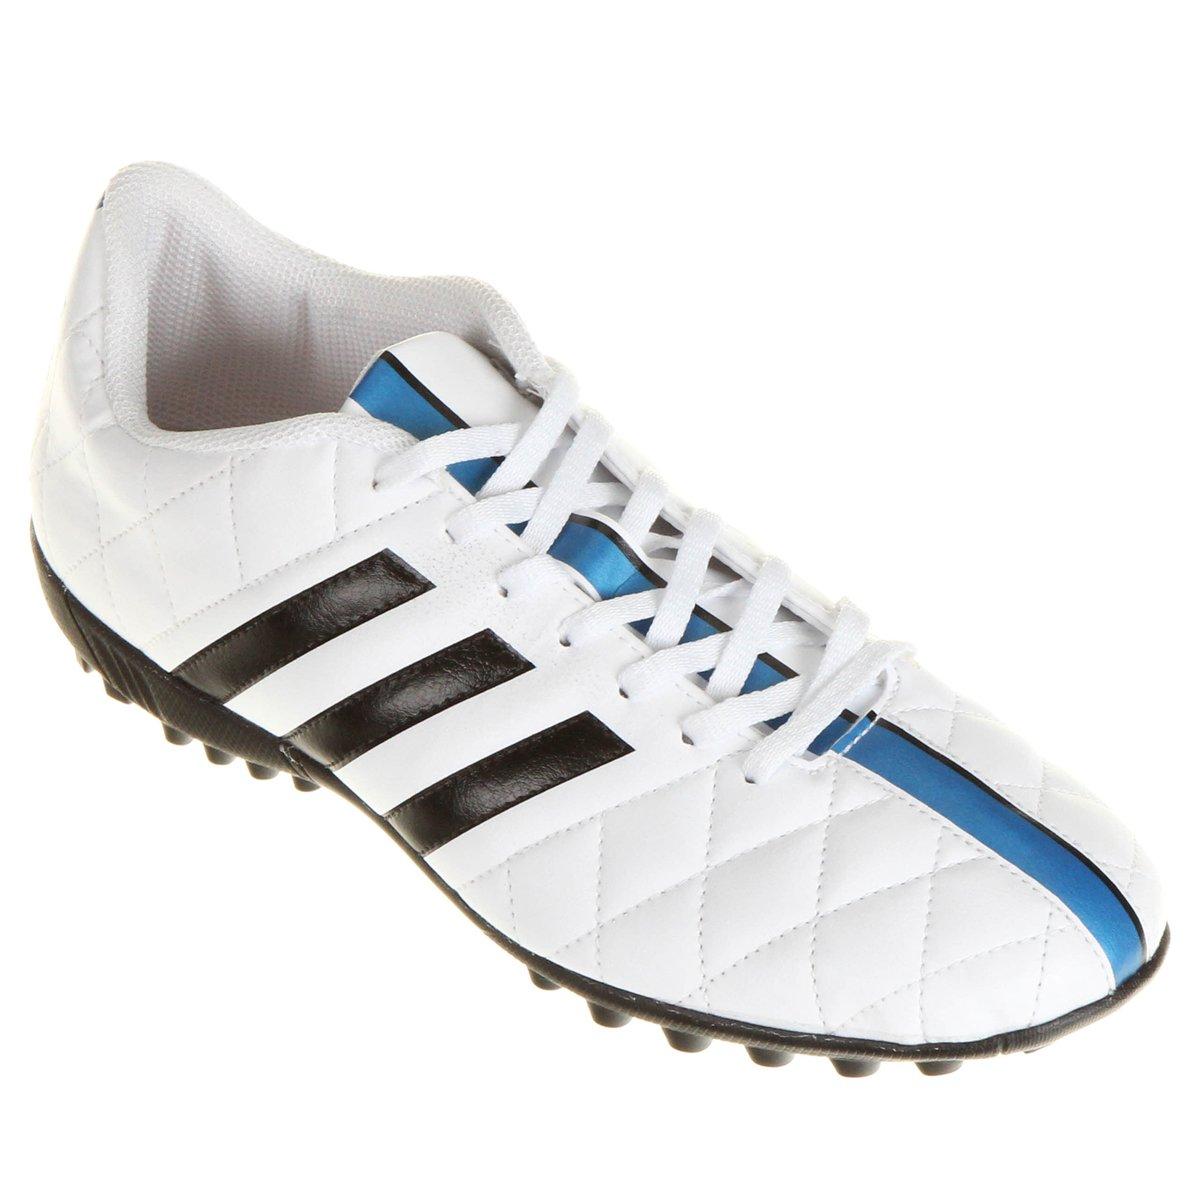 Chuteira Adidas 11 Questra TF Society - Compre Agora  e88aa0b2c7930